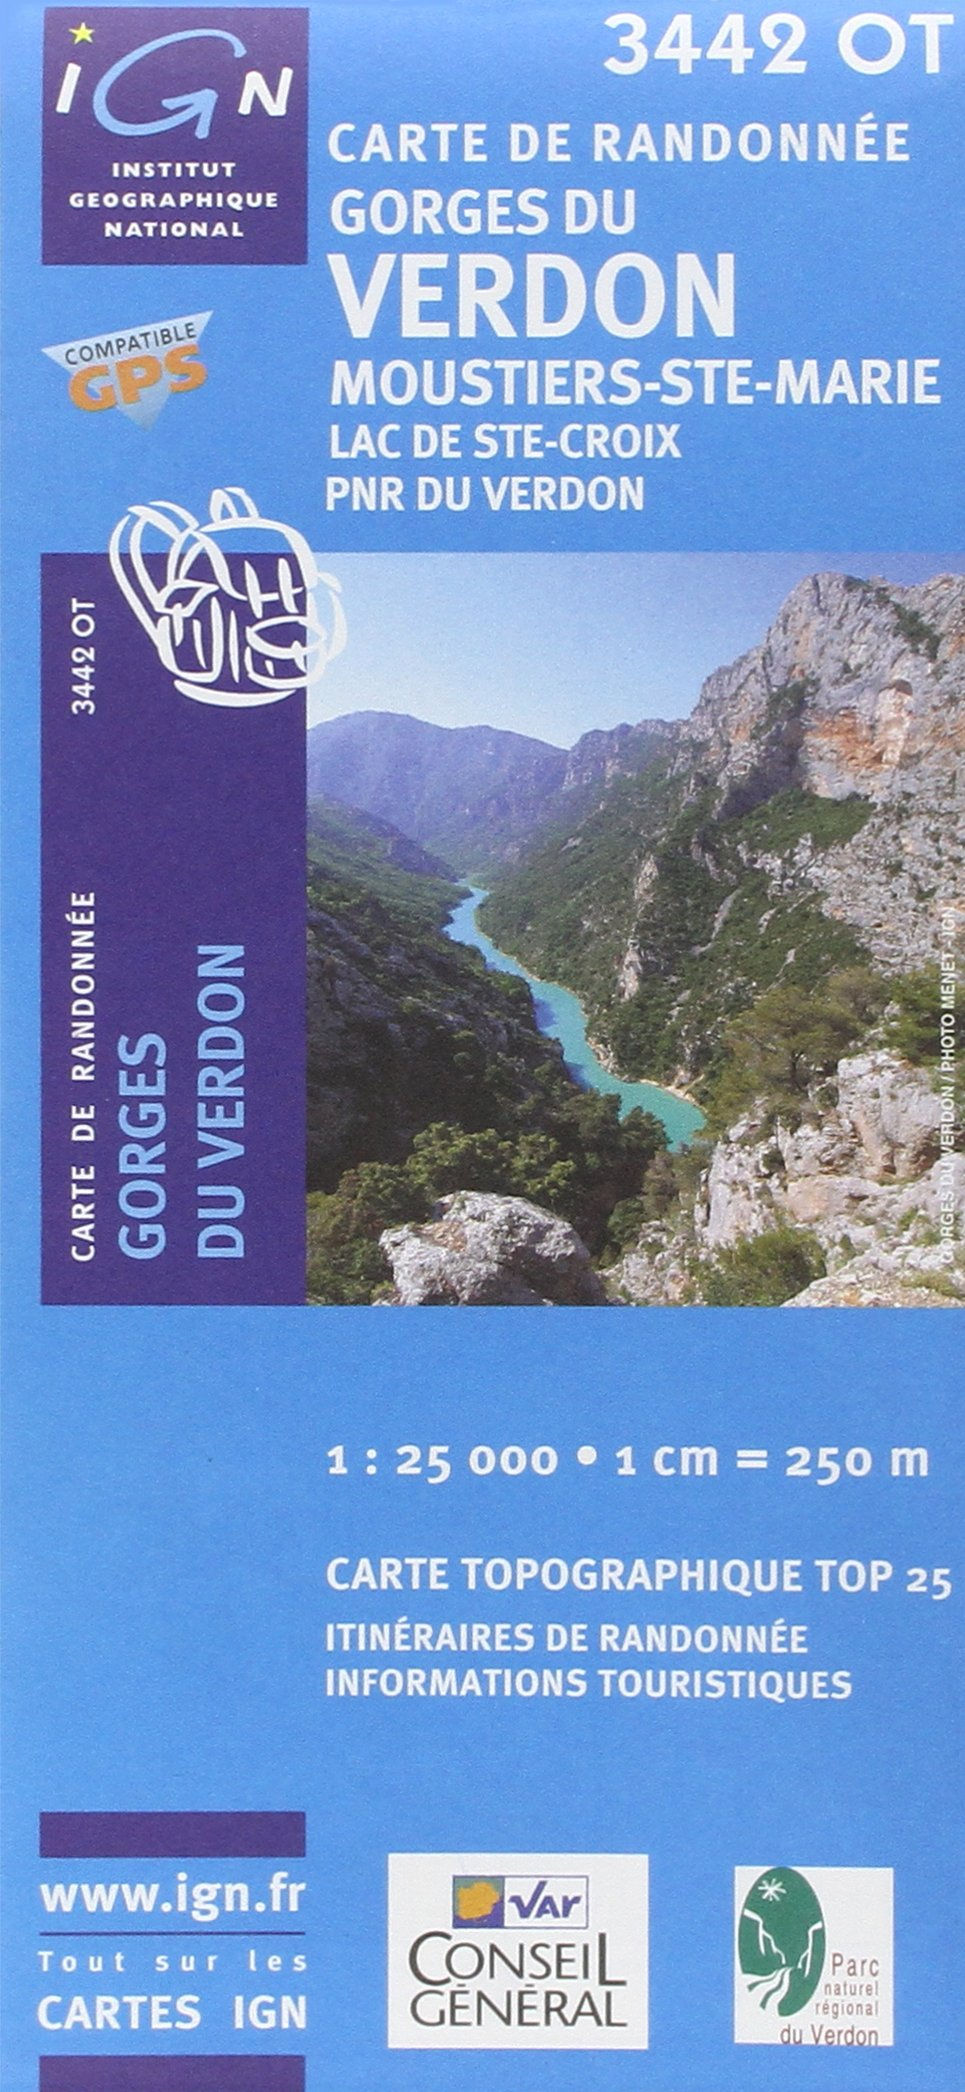 IGN Karte, Carte de randonnée (et plein air) Gorges du Verdon, Moustiers-Ste-Marie